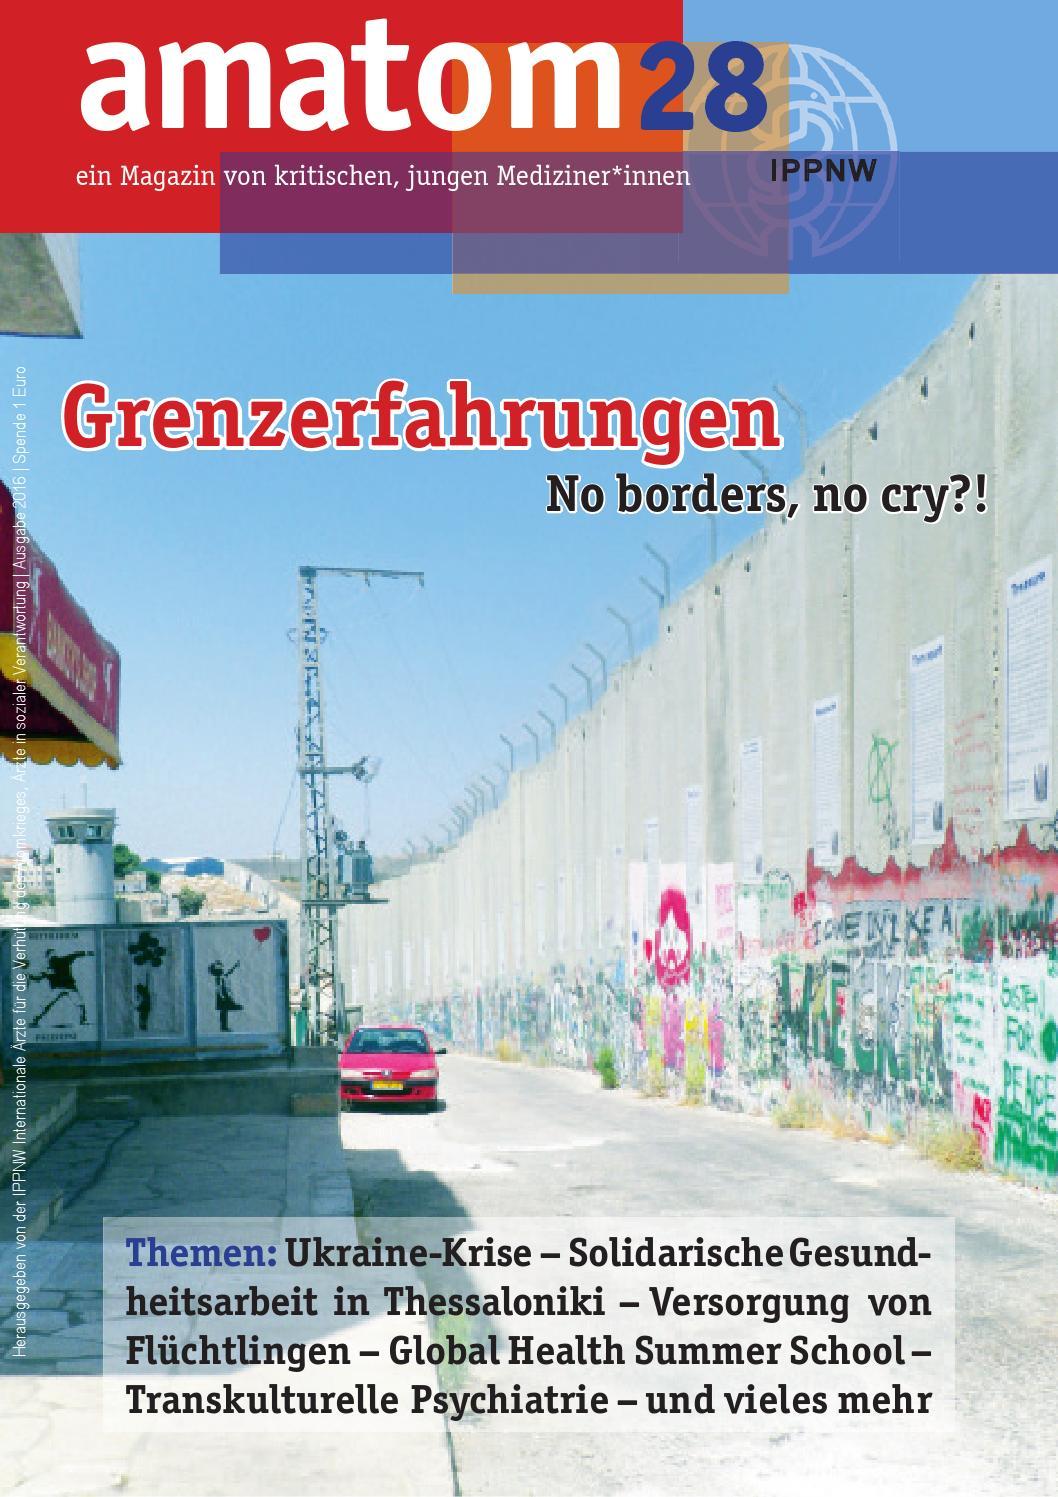 Amatom28 U2013 Zeitschrift Von Und Für Kritische Medizinstudierende By IPPNW    Issuu